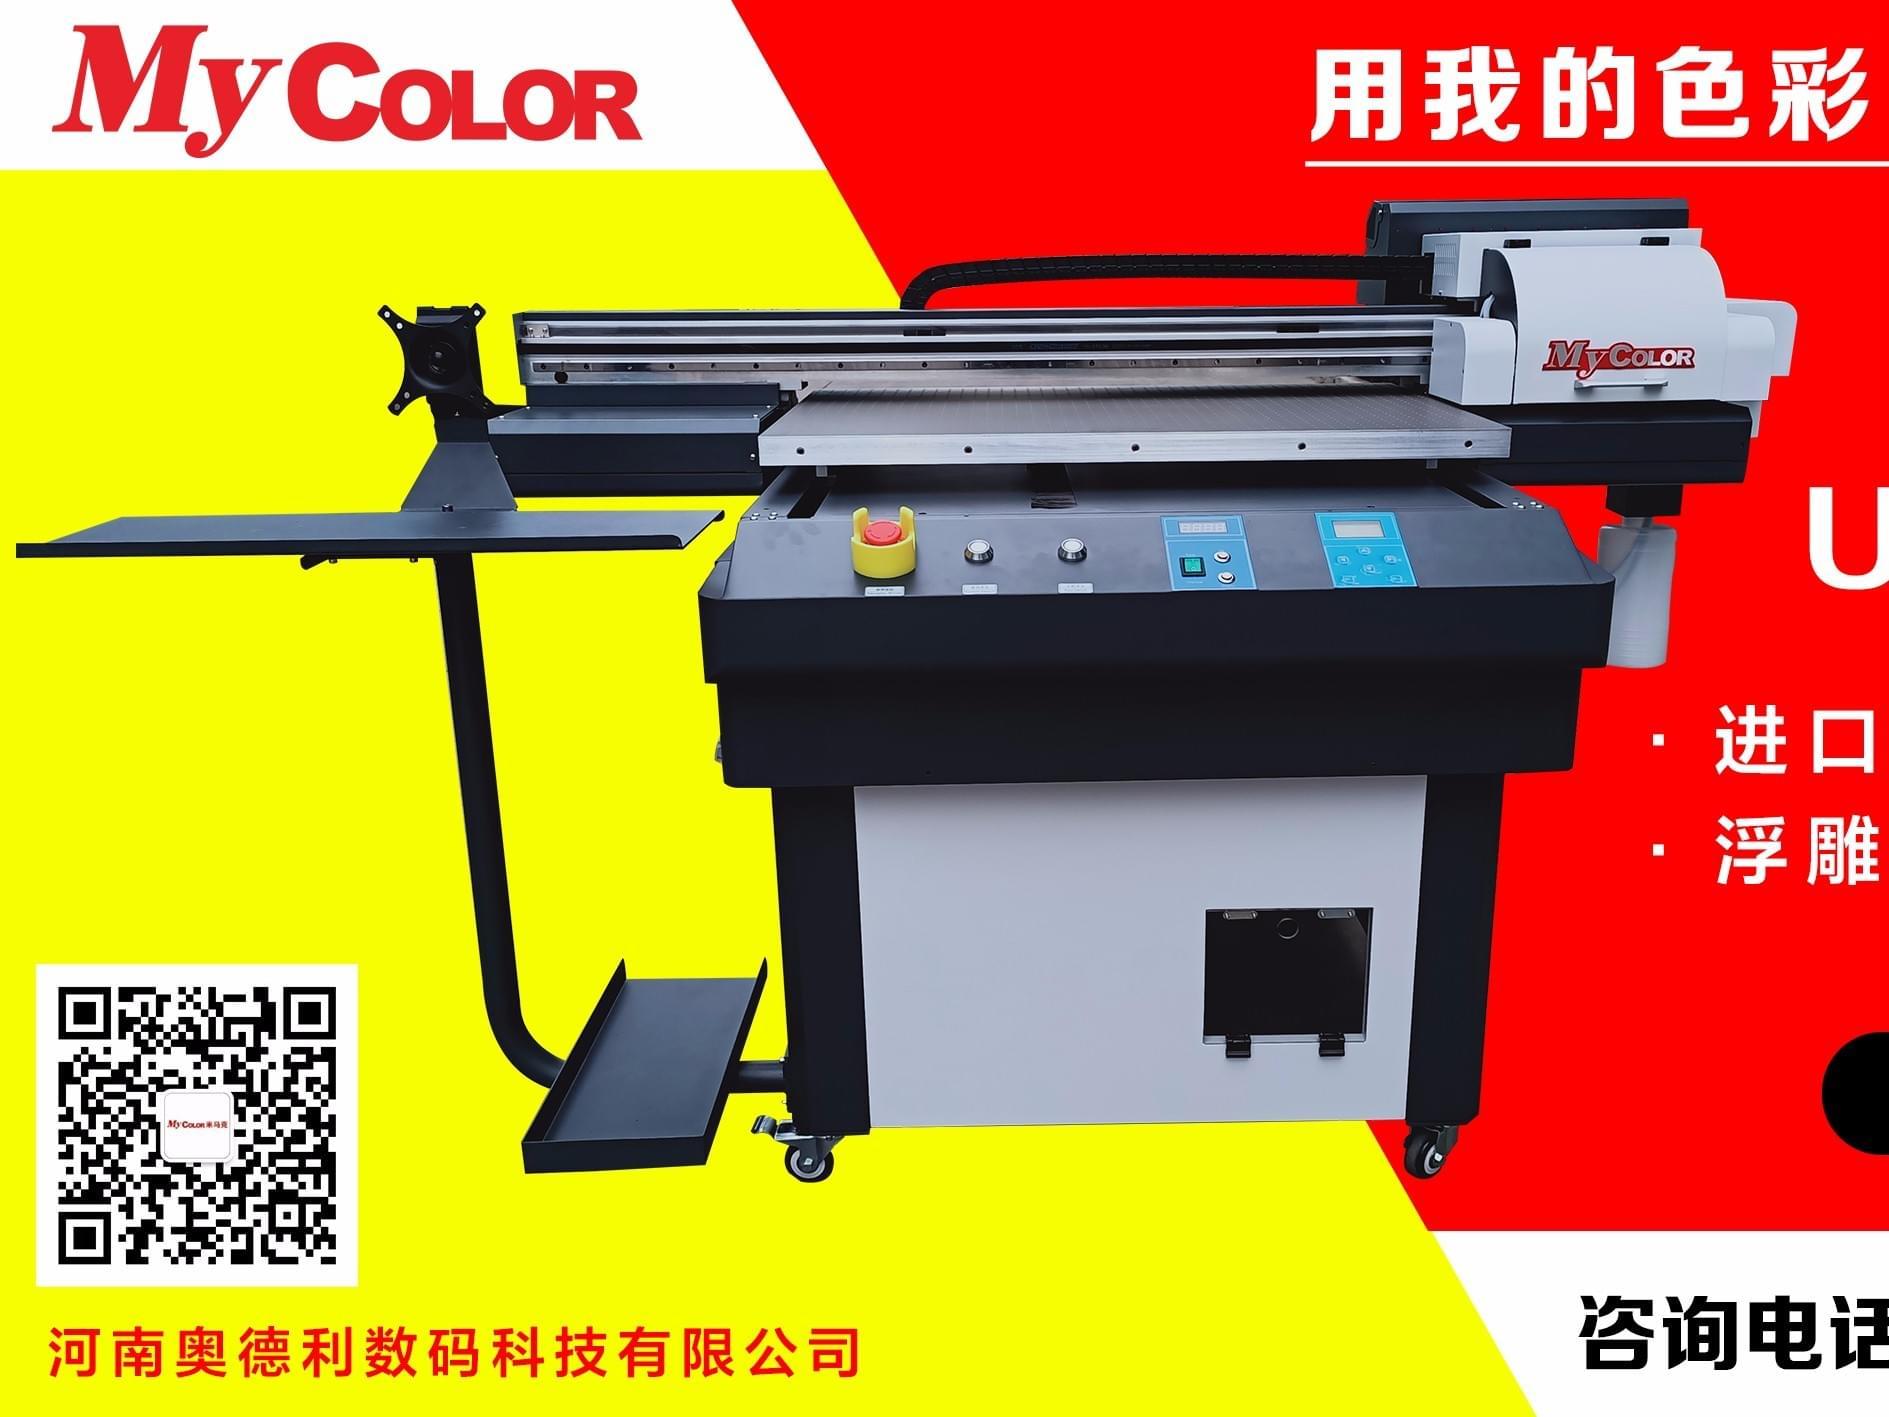 【特别注意】新手选择UV打印机的三大误区